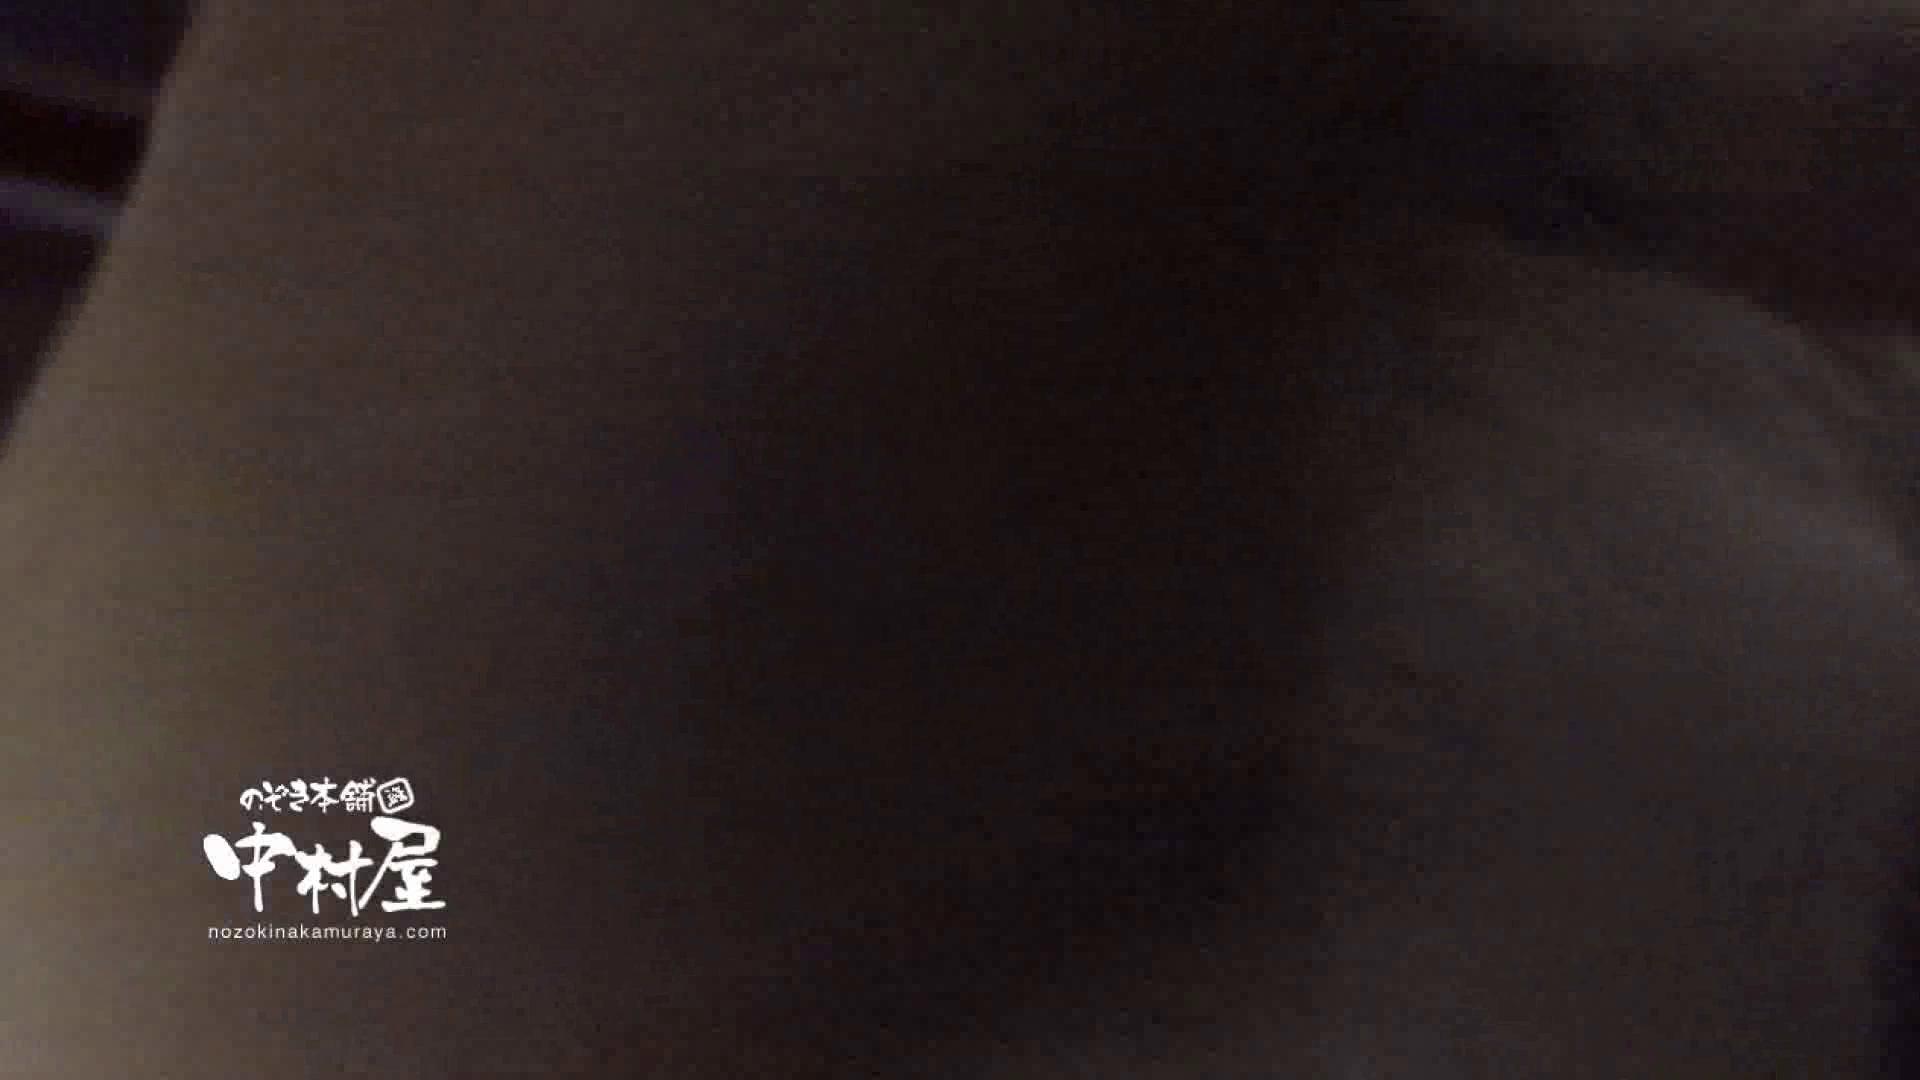 鬼畜 vol.10 あぁ無情…中出しパイパン! 前編 中出し セックス画像 76PIX 35